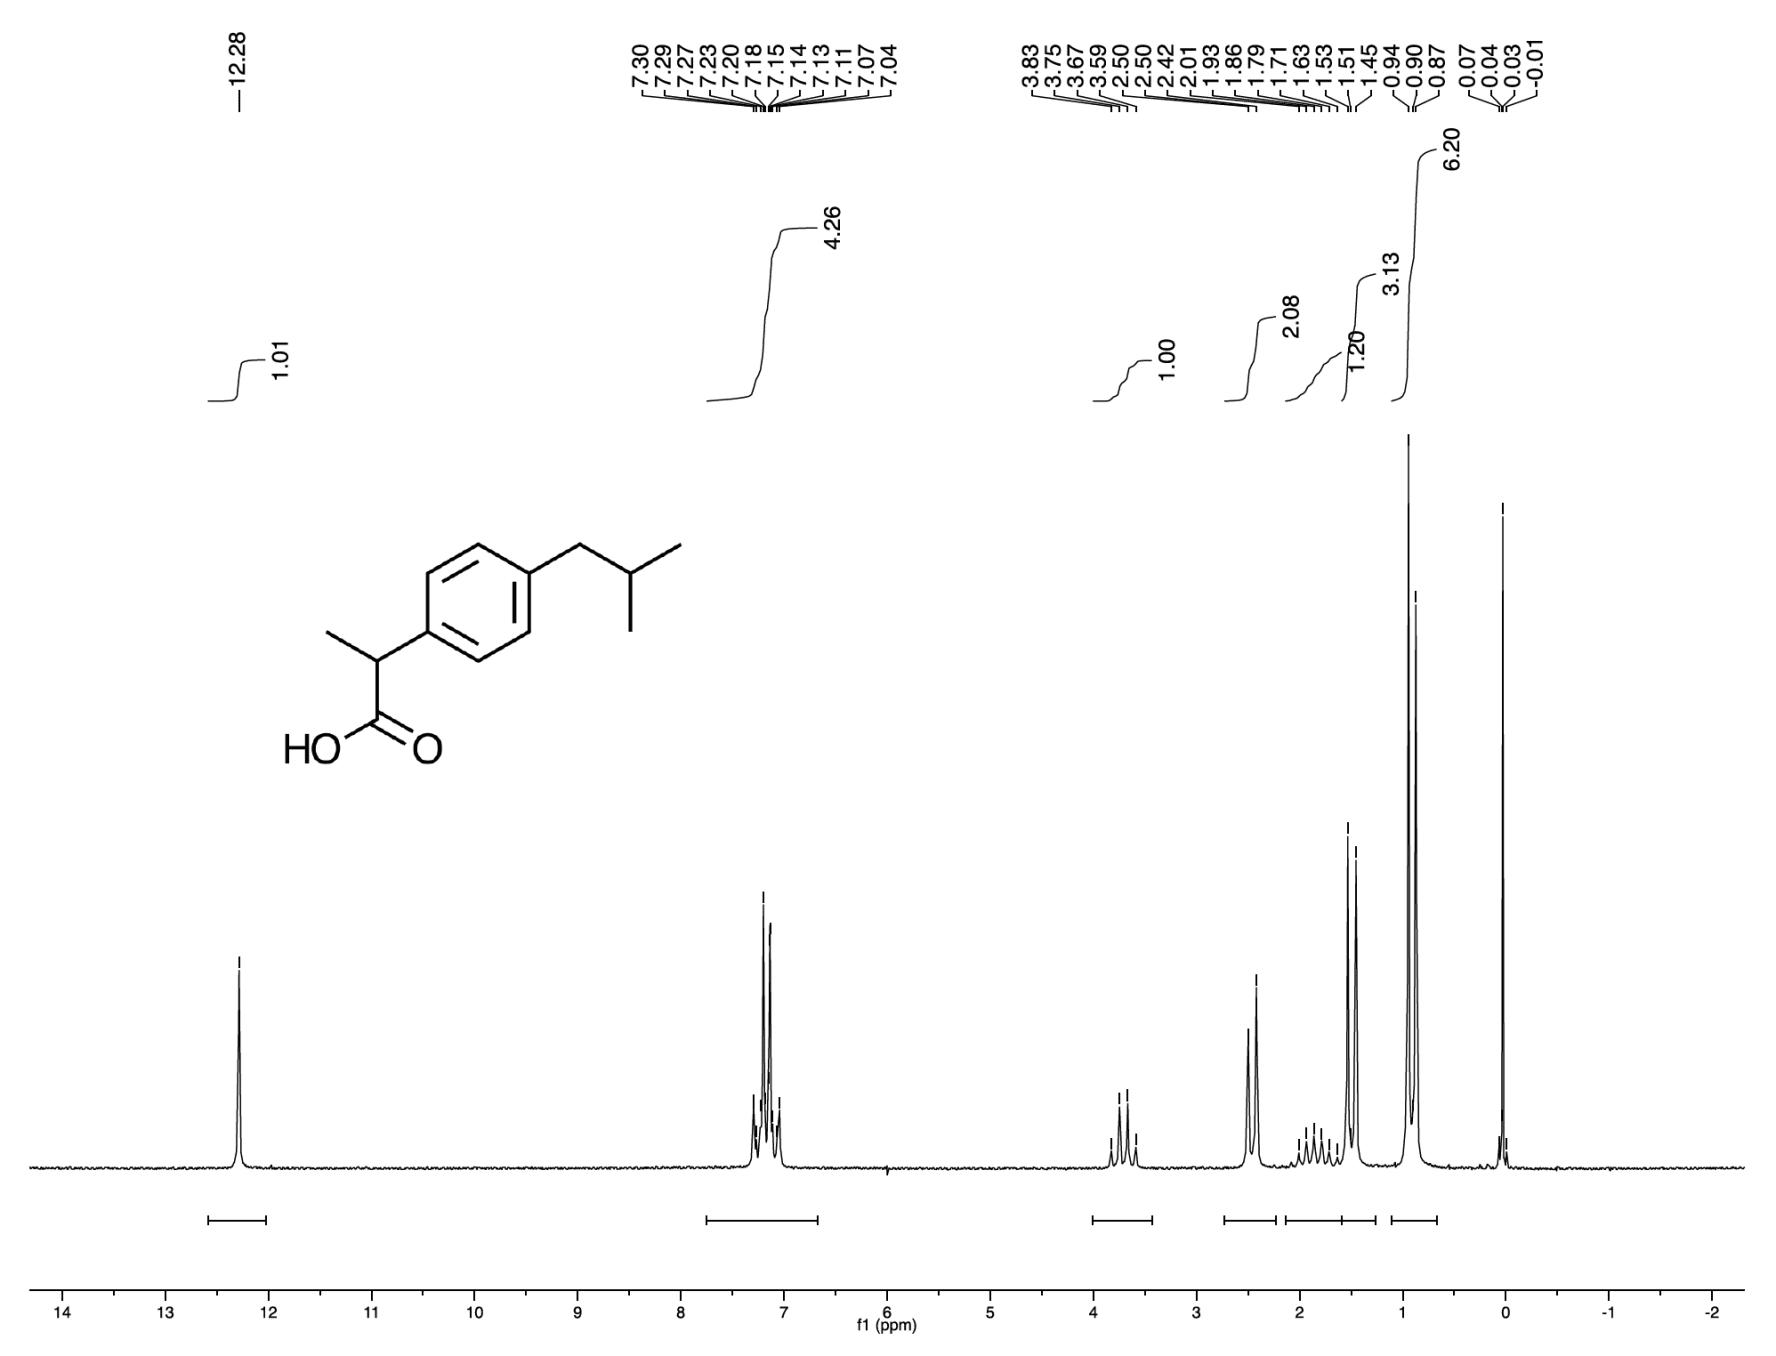 Anasazi Instruments 90MHz 1H spectrum with Ibuprofen molecular structure graph